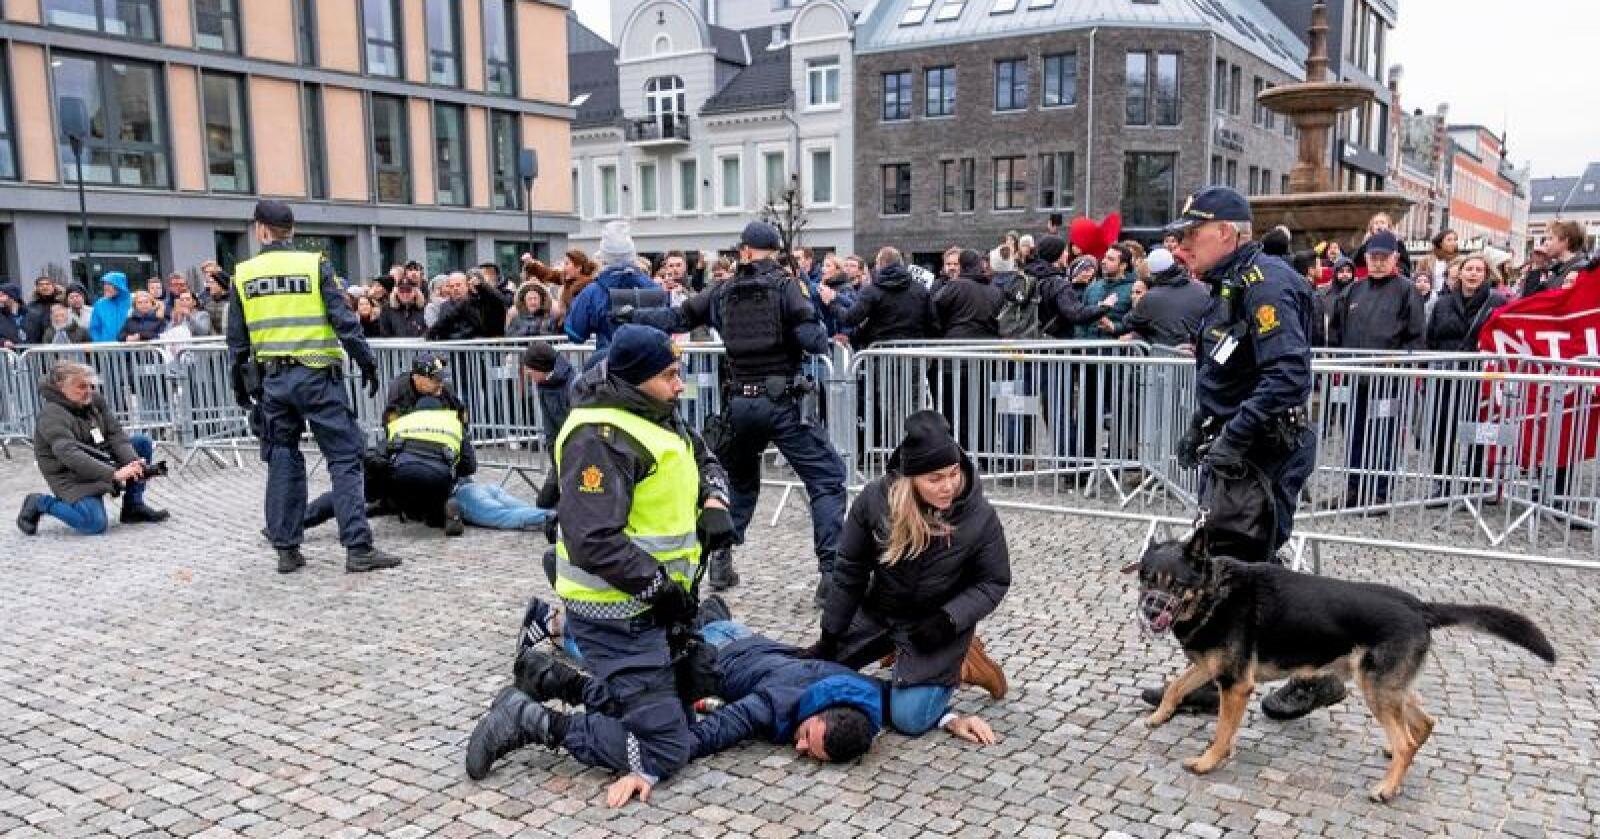 Brann i bibelbeltet: Politiet grep inn mot bokbrenning og vold i Kristiansand på lørdag. Foto: Tor Erik Schrøder / NTB scanpix